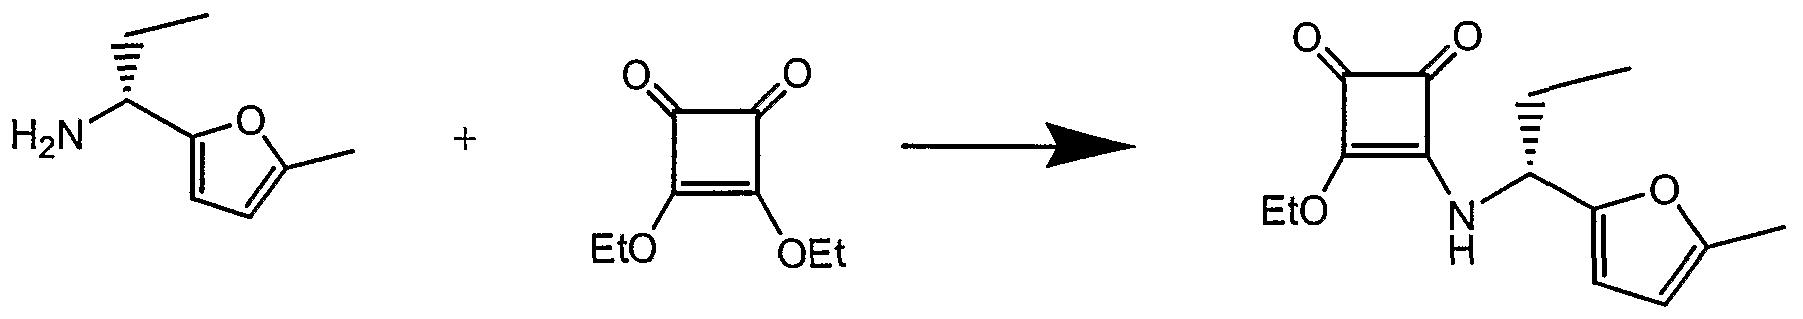 Figure imgf000196_0002